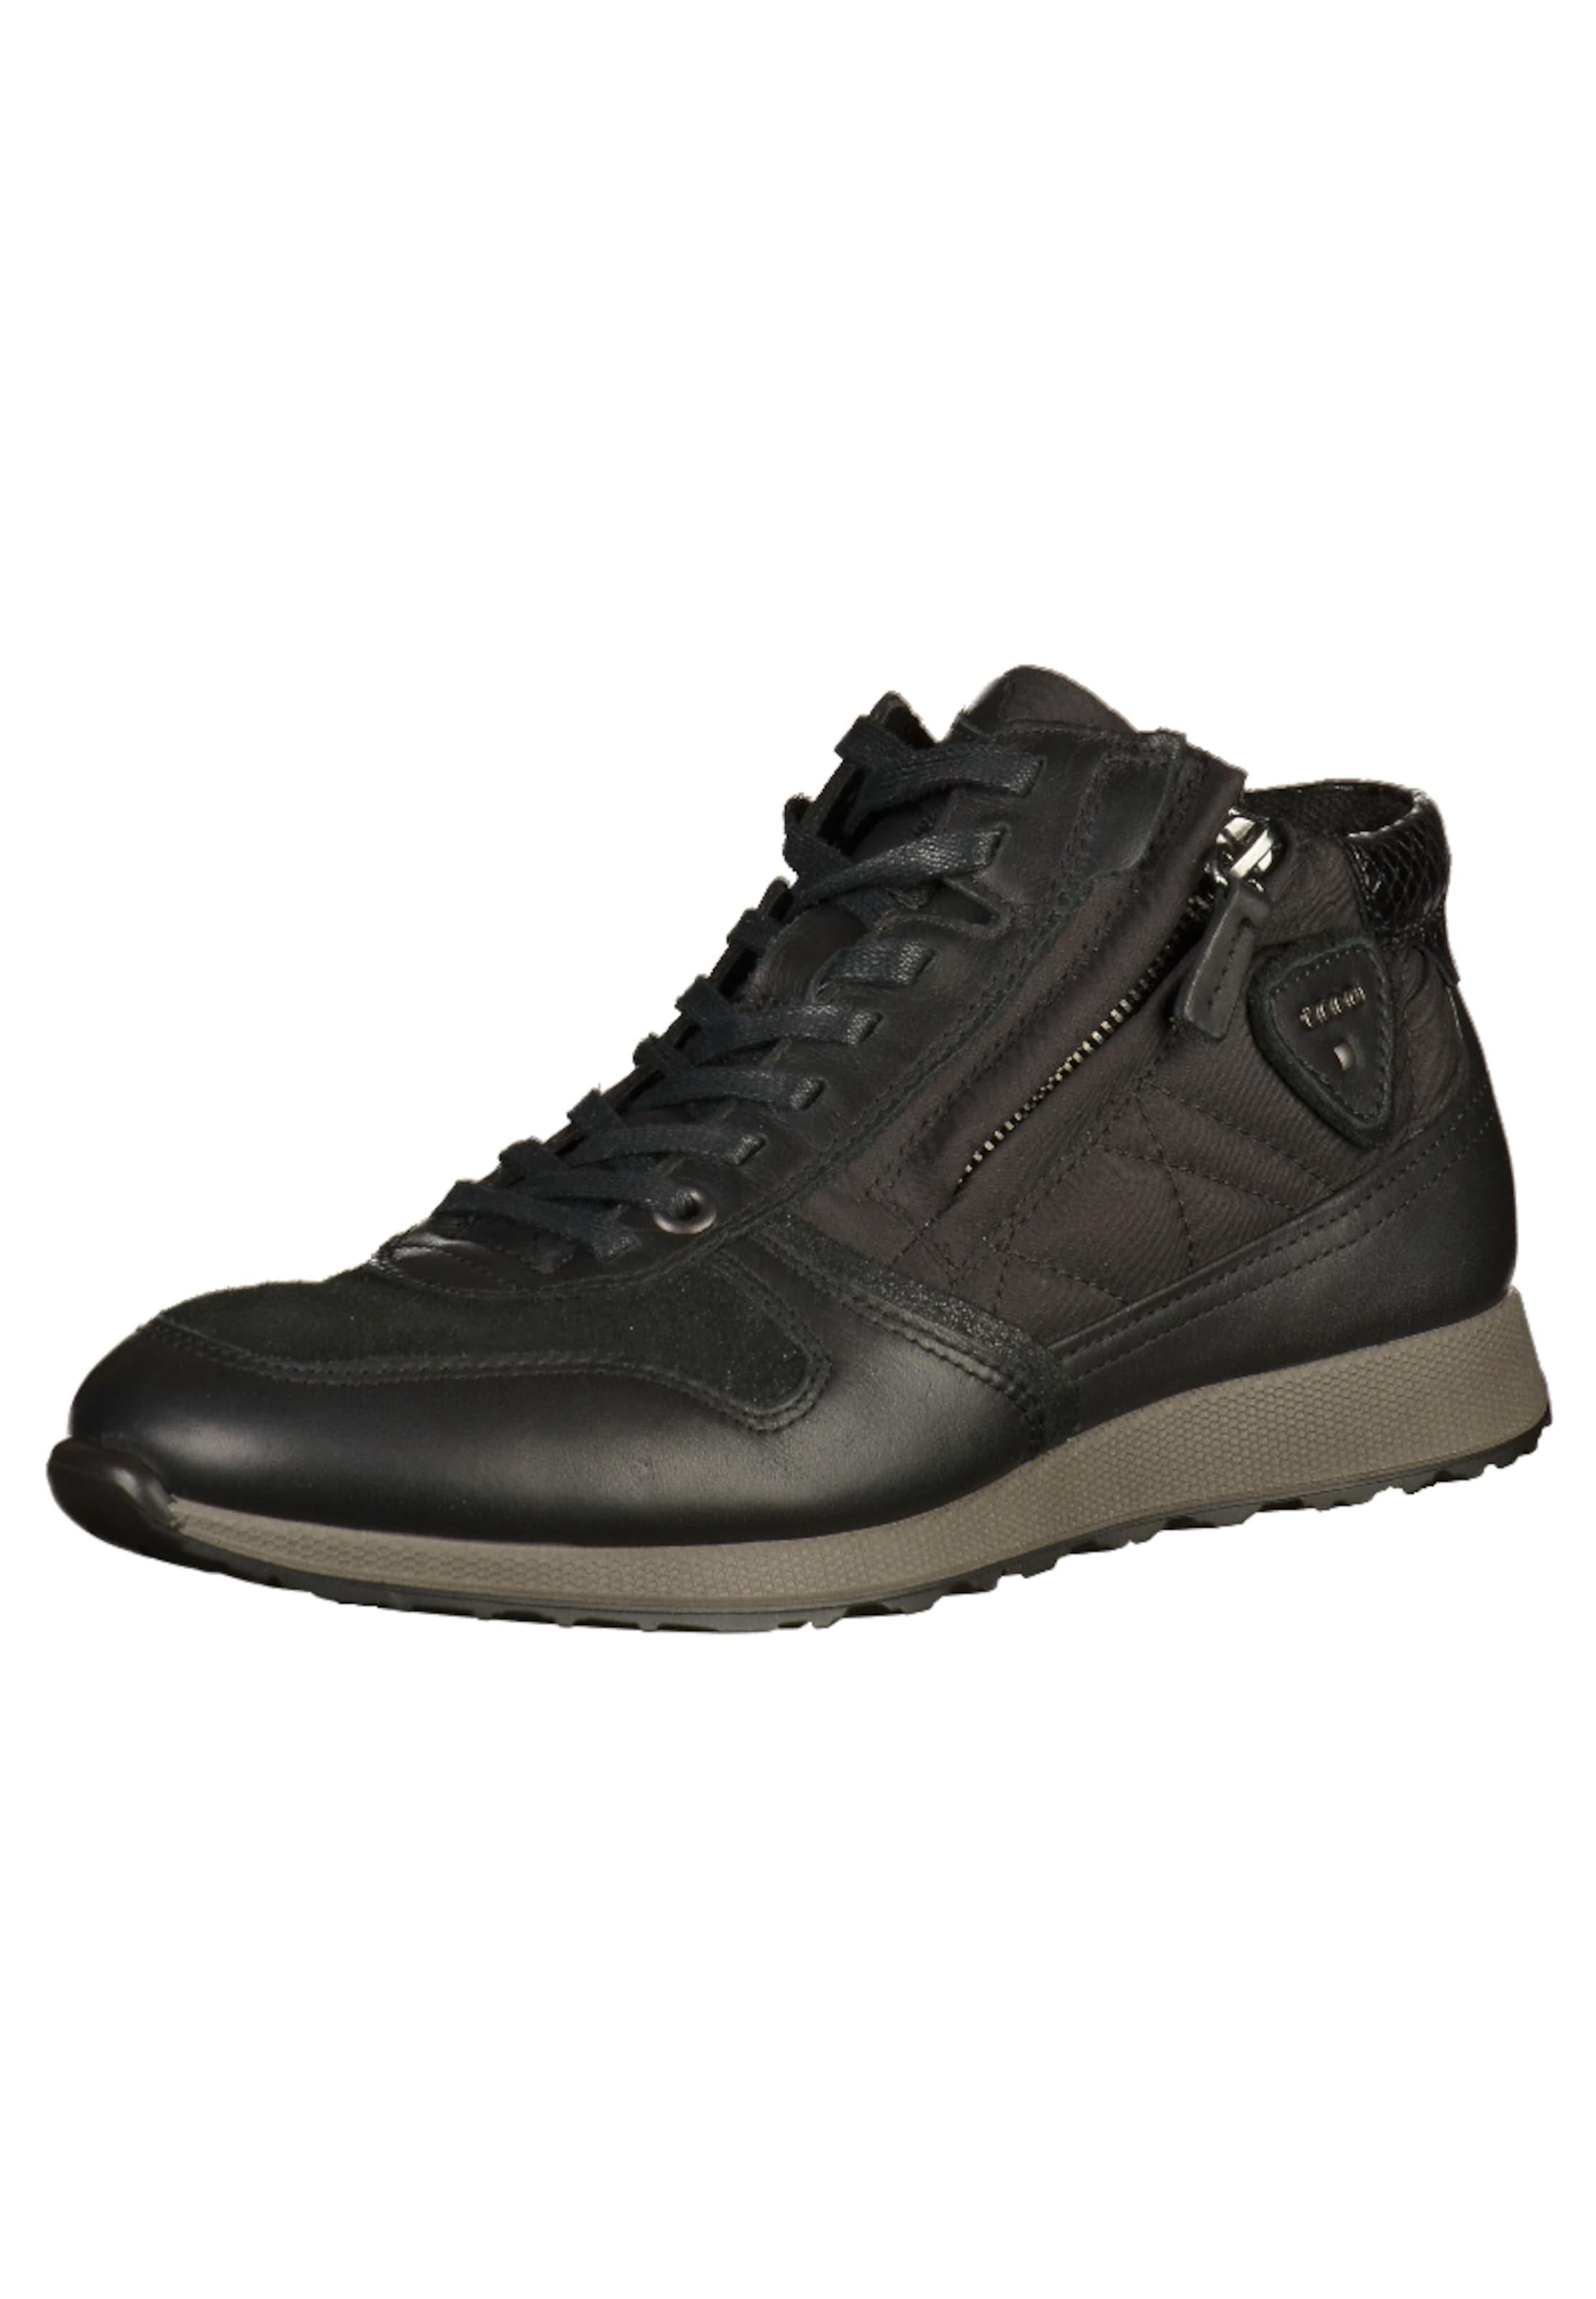 ECCO Sneaker Offizielle Günstig Online Freies Verschiffen Günstigsten Preis Klassisch Insbesondere Rabatt Günstig Kaufen Niedrigen Preis Versandkosten Für hjv5bb8a7j